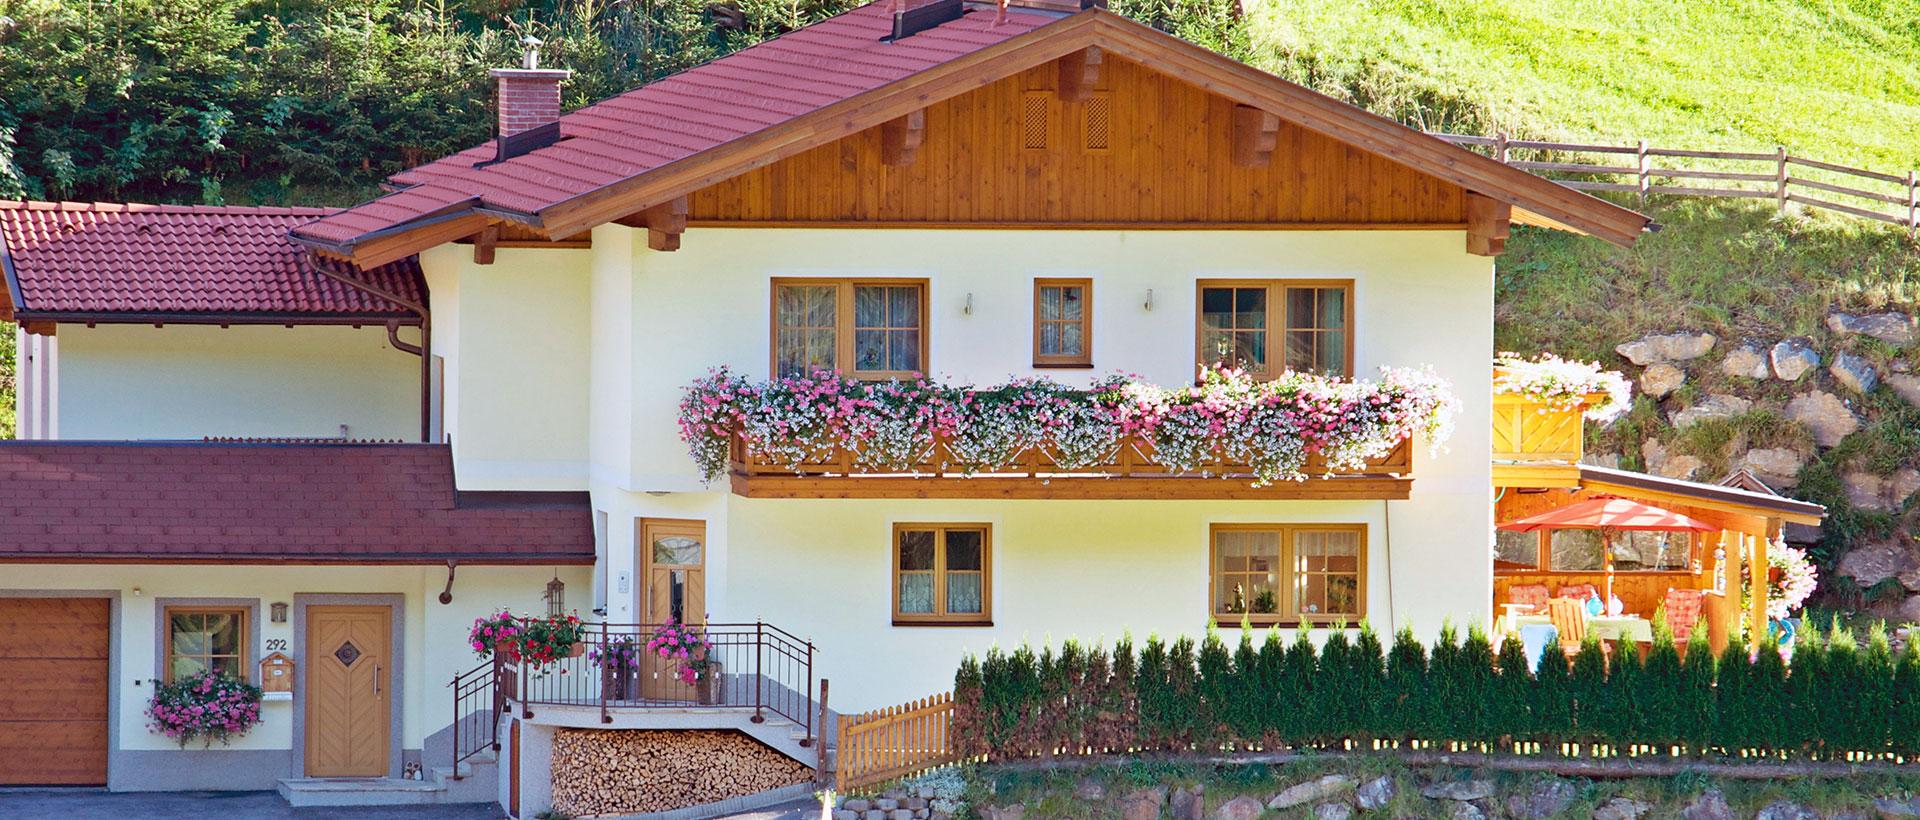 Ferienhaus in Großarl, Chalet in Salzburg